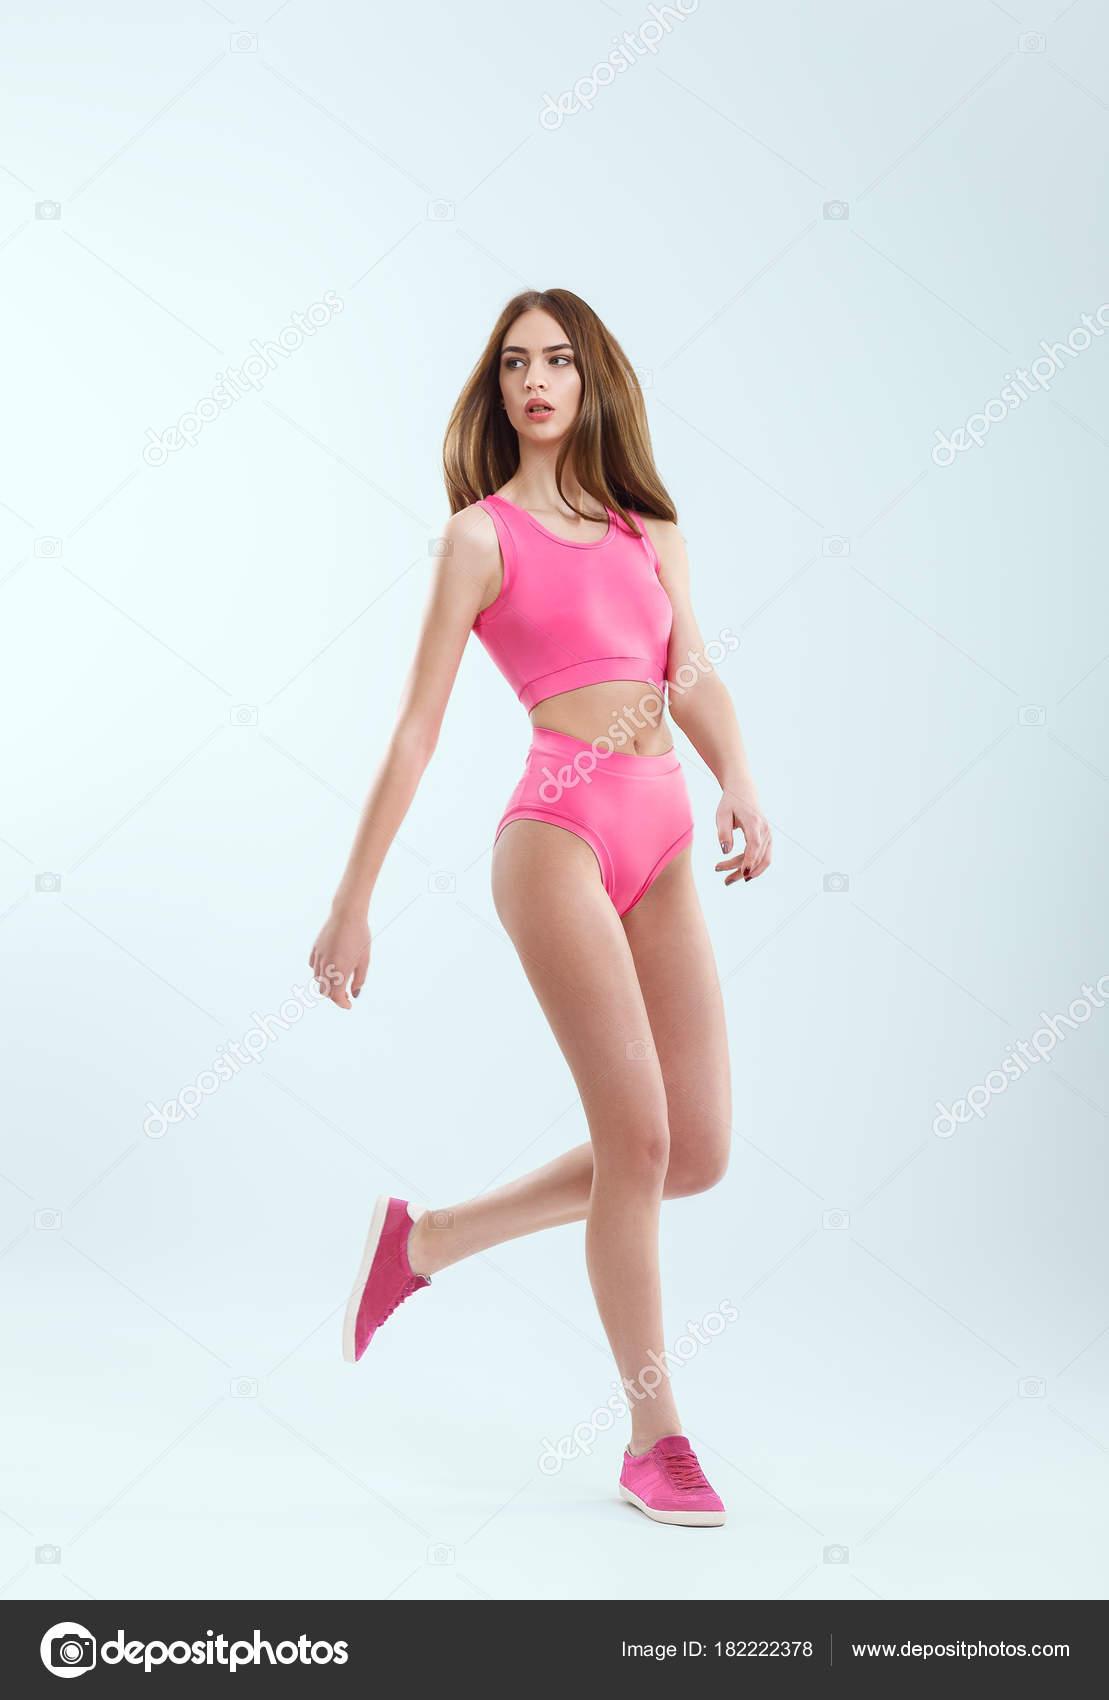 fc8f8dc0daa Полная длина Портрет молодой красивой девушки в розовый купальник в движении.  Стройная девушка Кавказа в спортивной одежде для фитнес